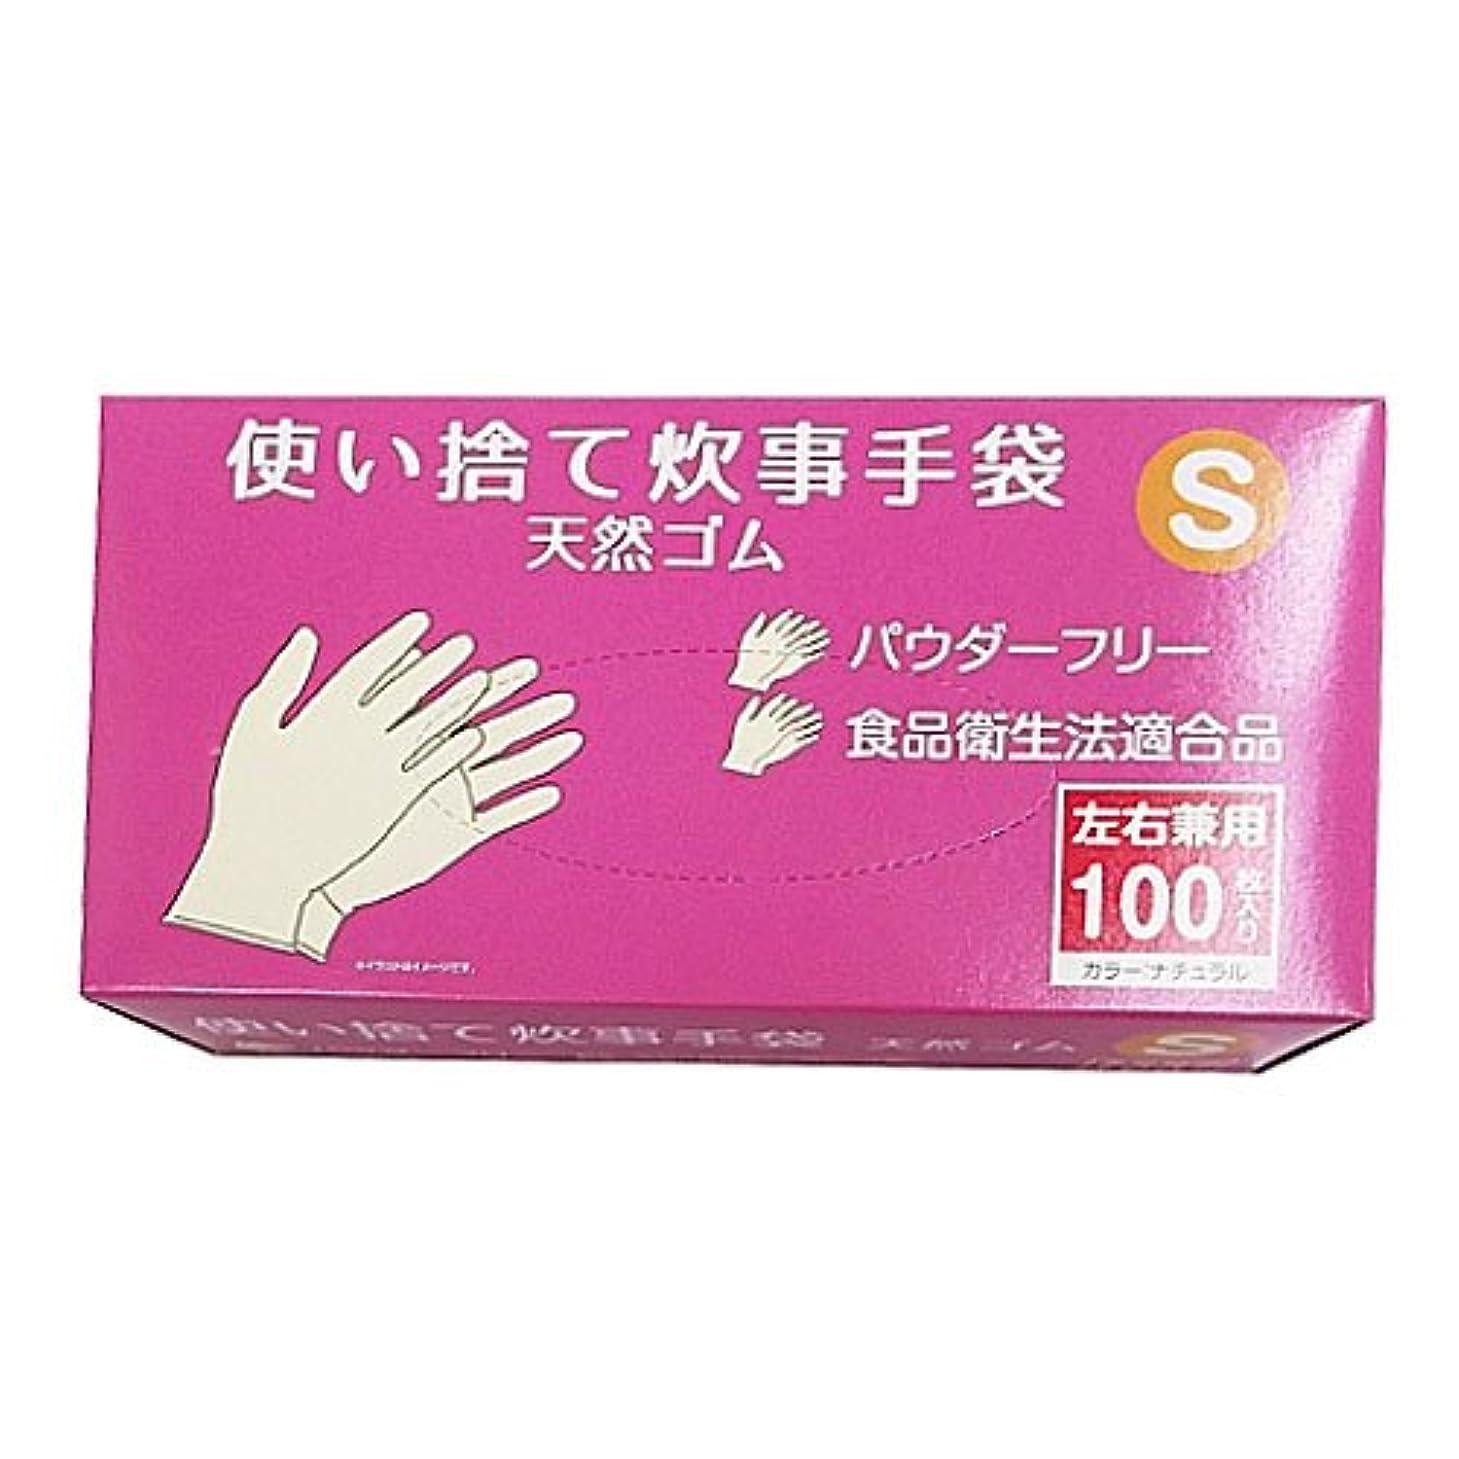 繊毛動かすどちらもコーナンオリジナル 使い捨て 炊事手袋 天然ゴム 100枚入り S